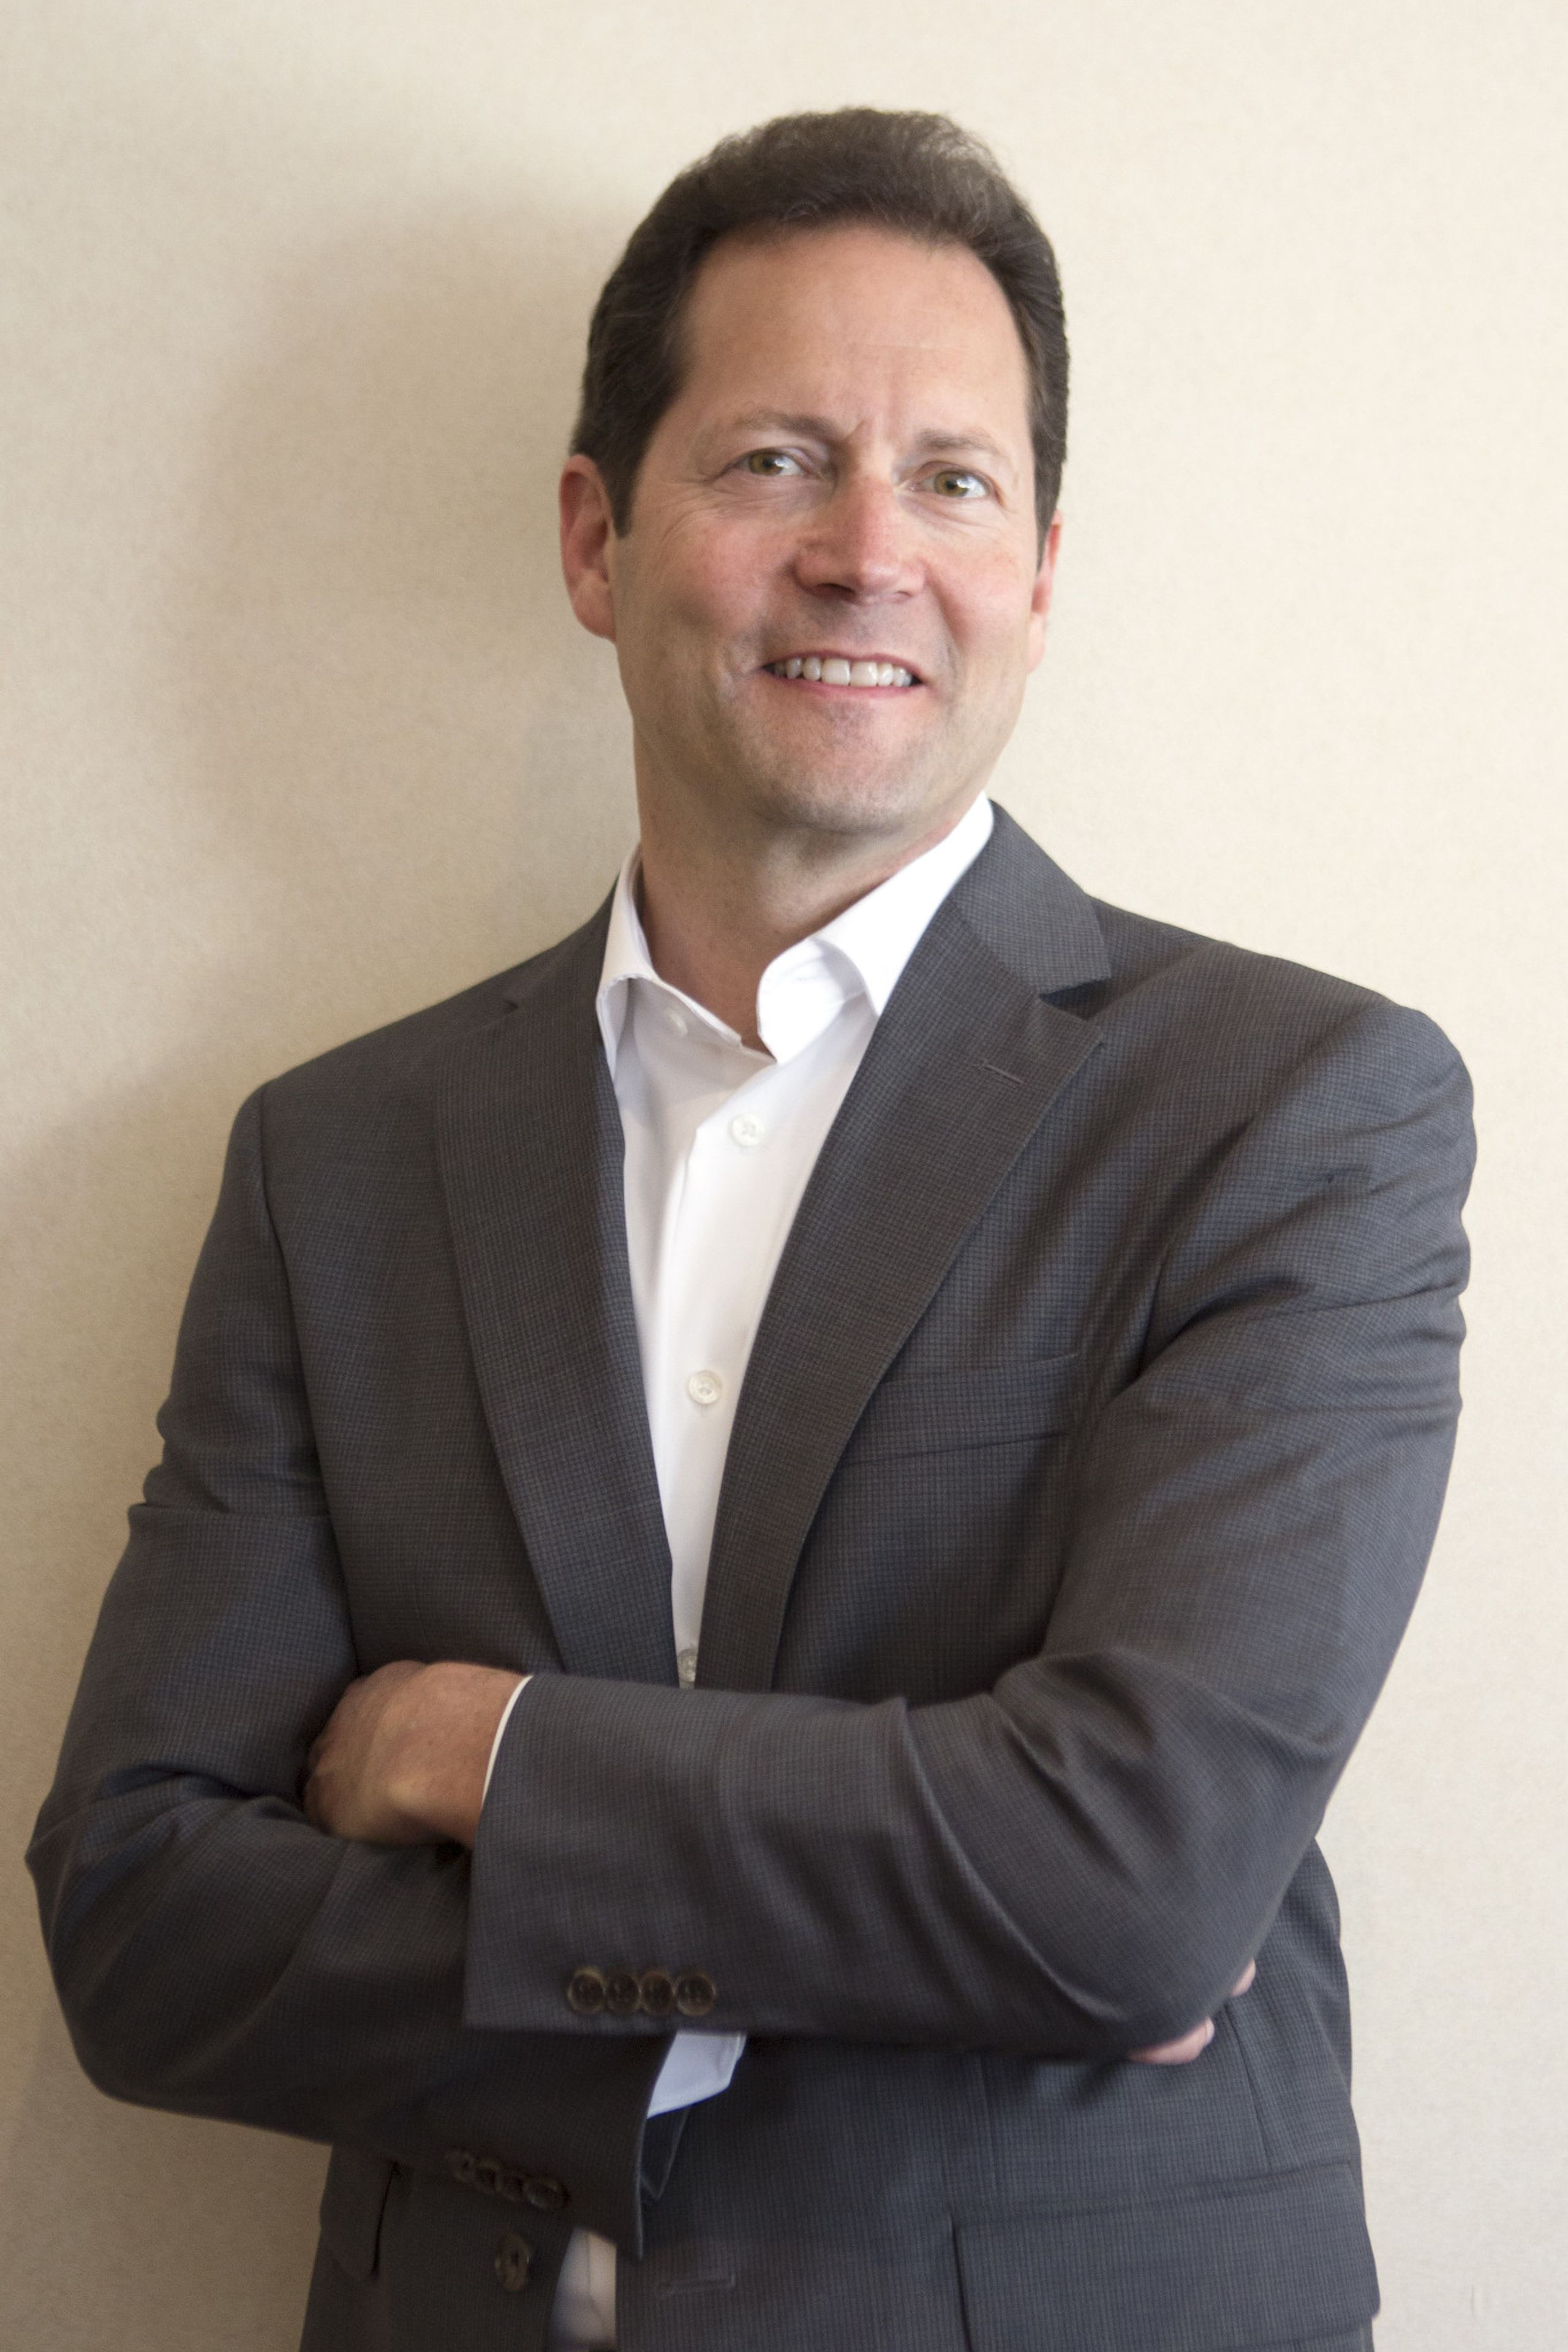 Lawrence Golan